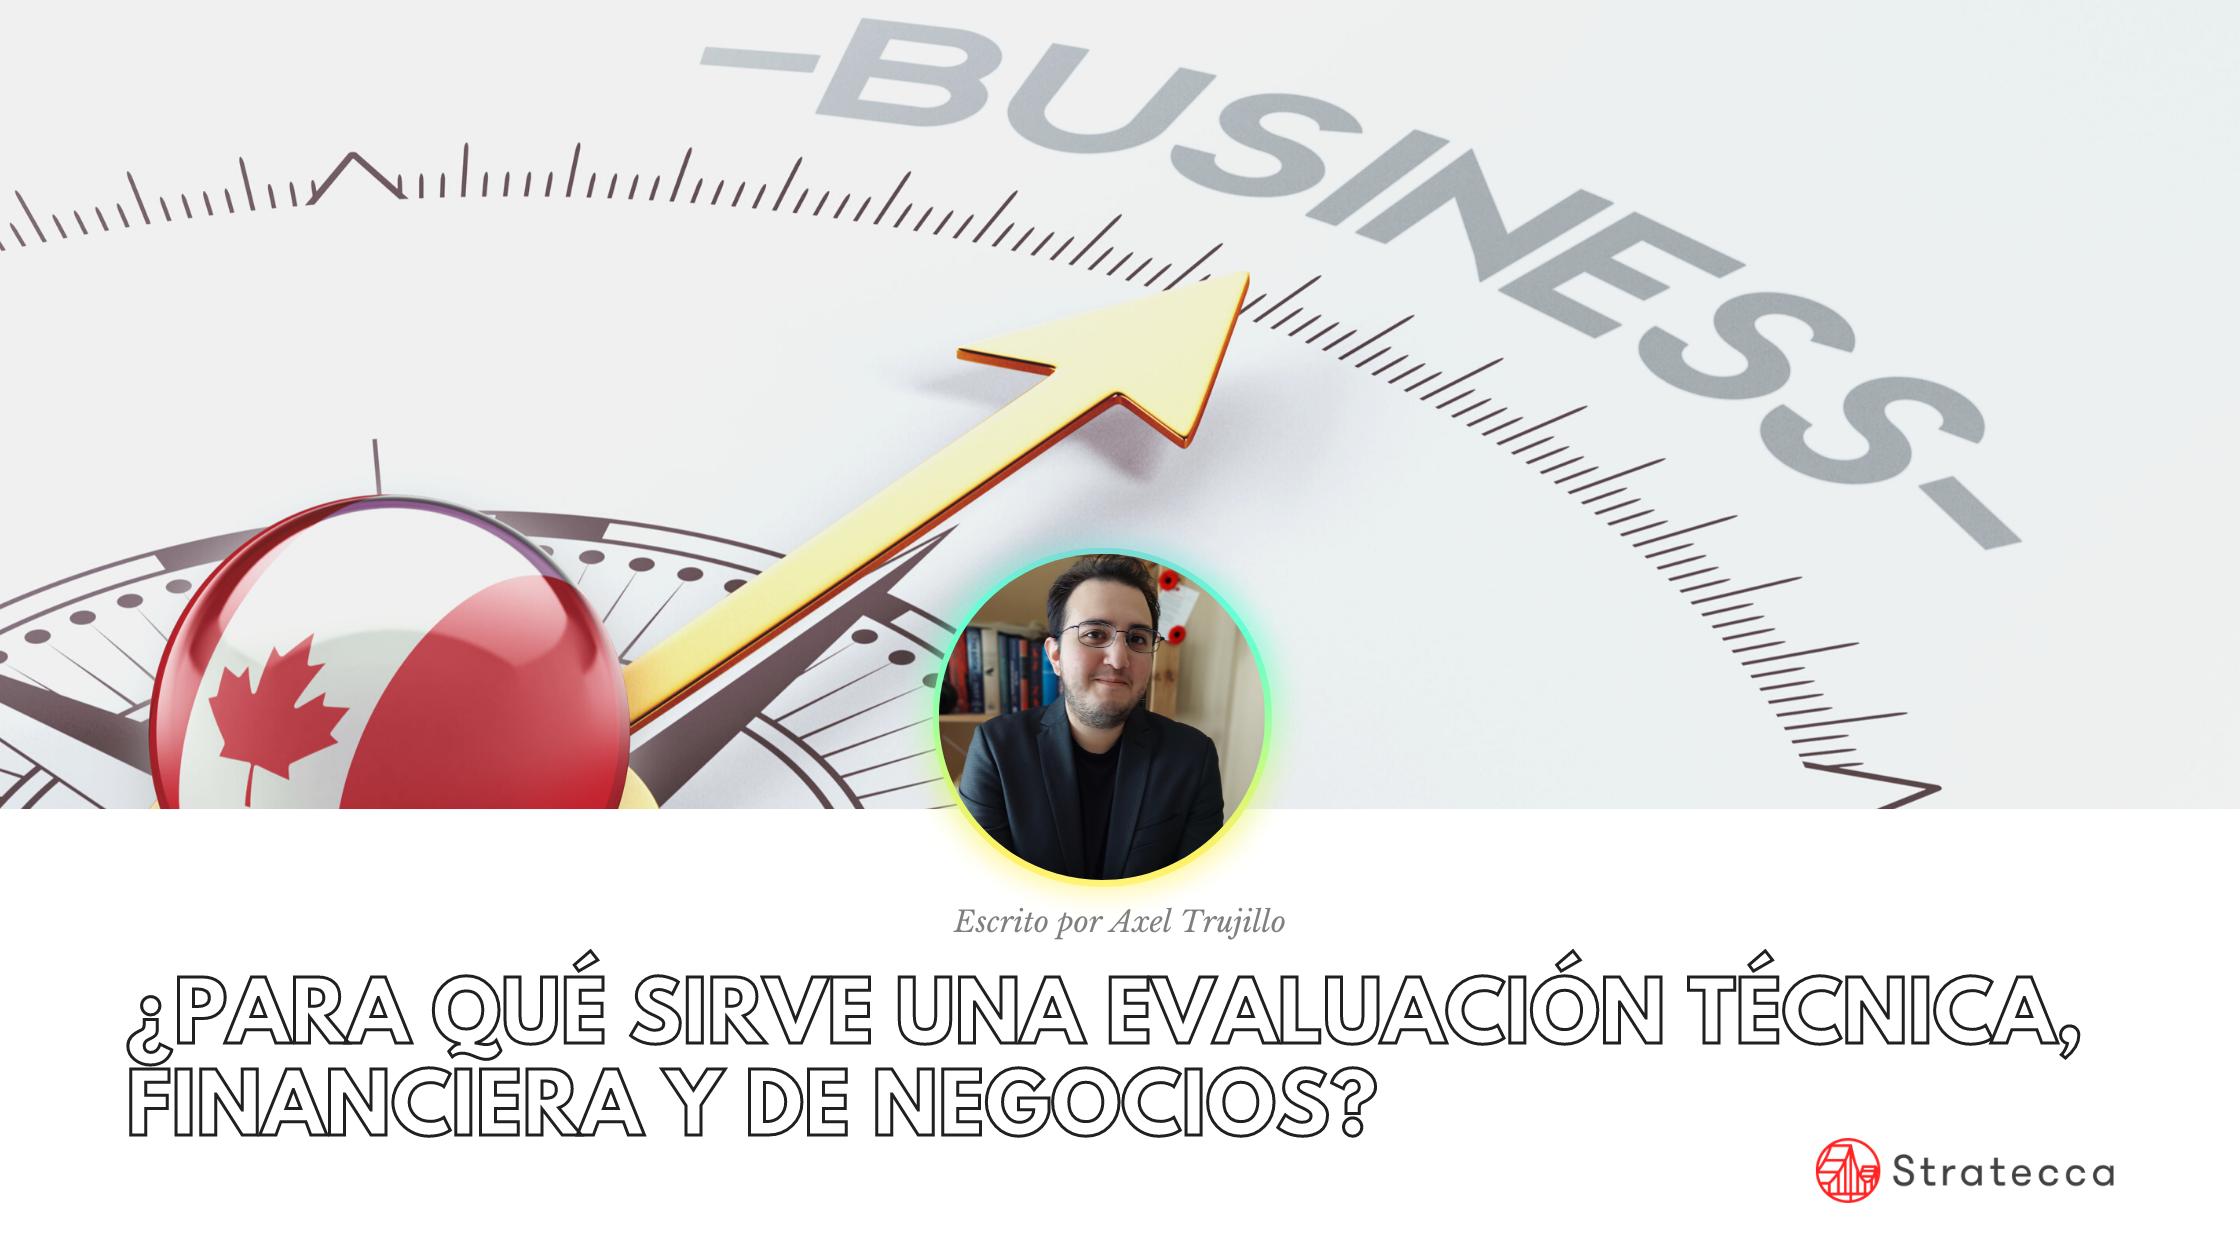 ¿Para qué sirve una Evaluación técnica, financiera y de negocios?